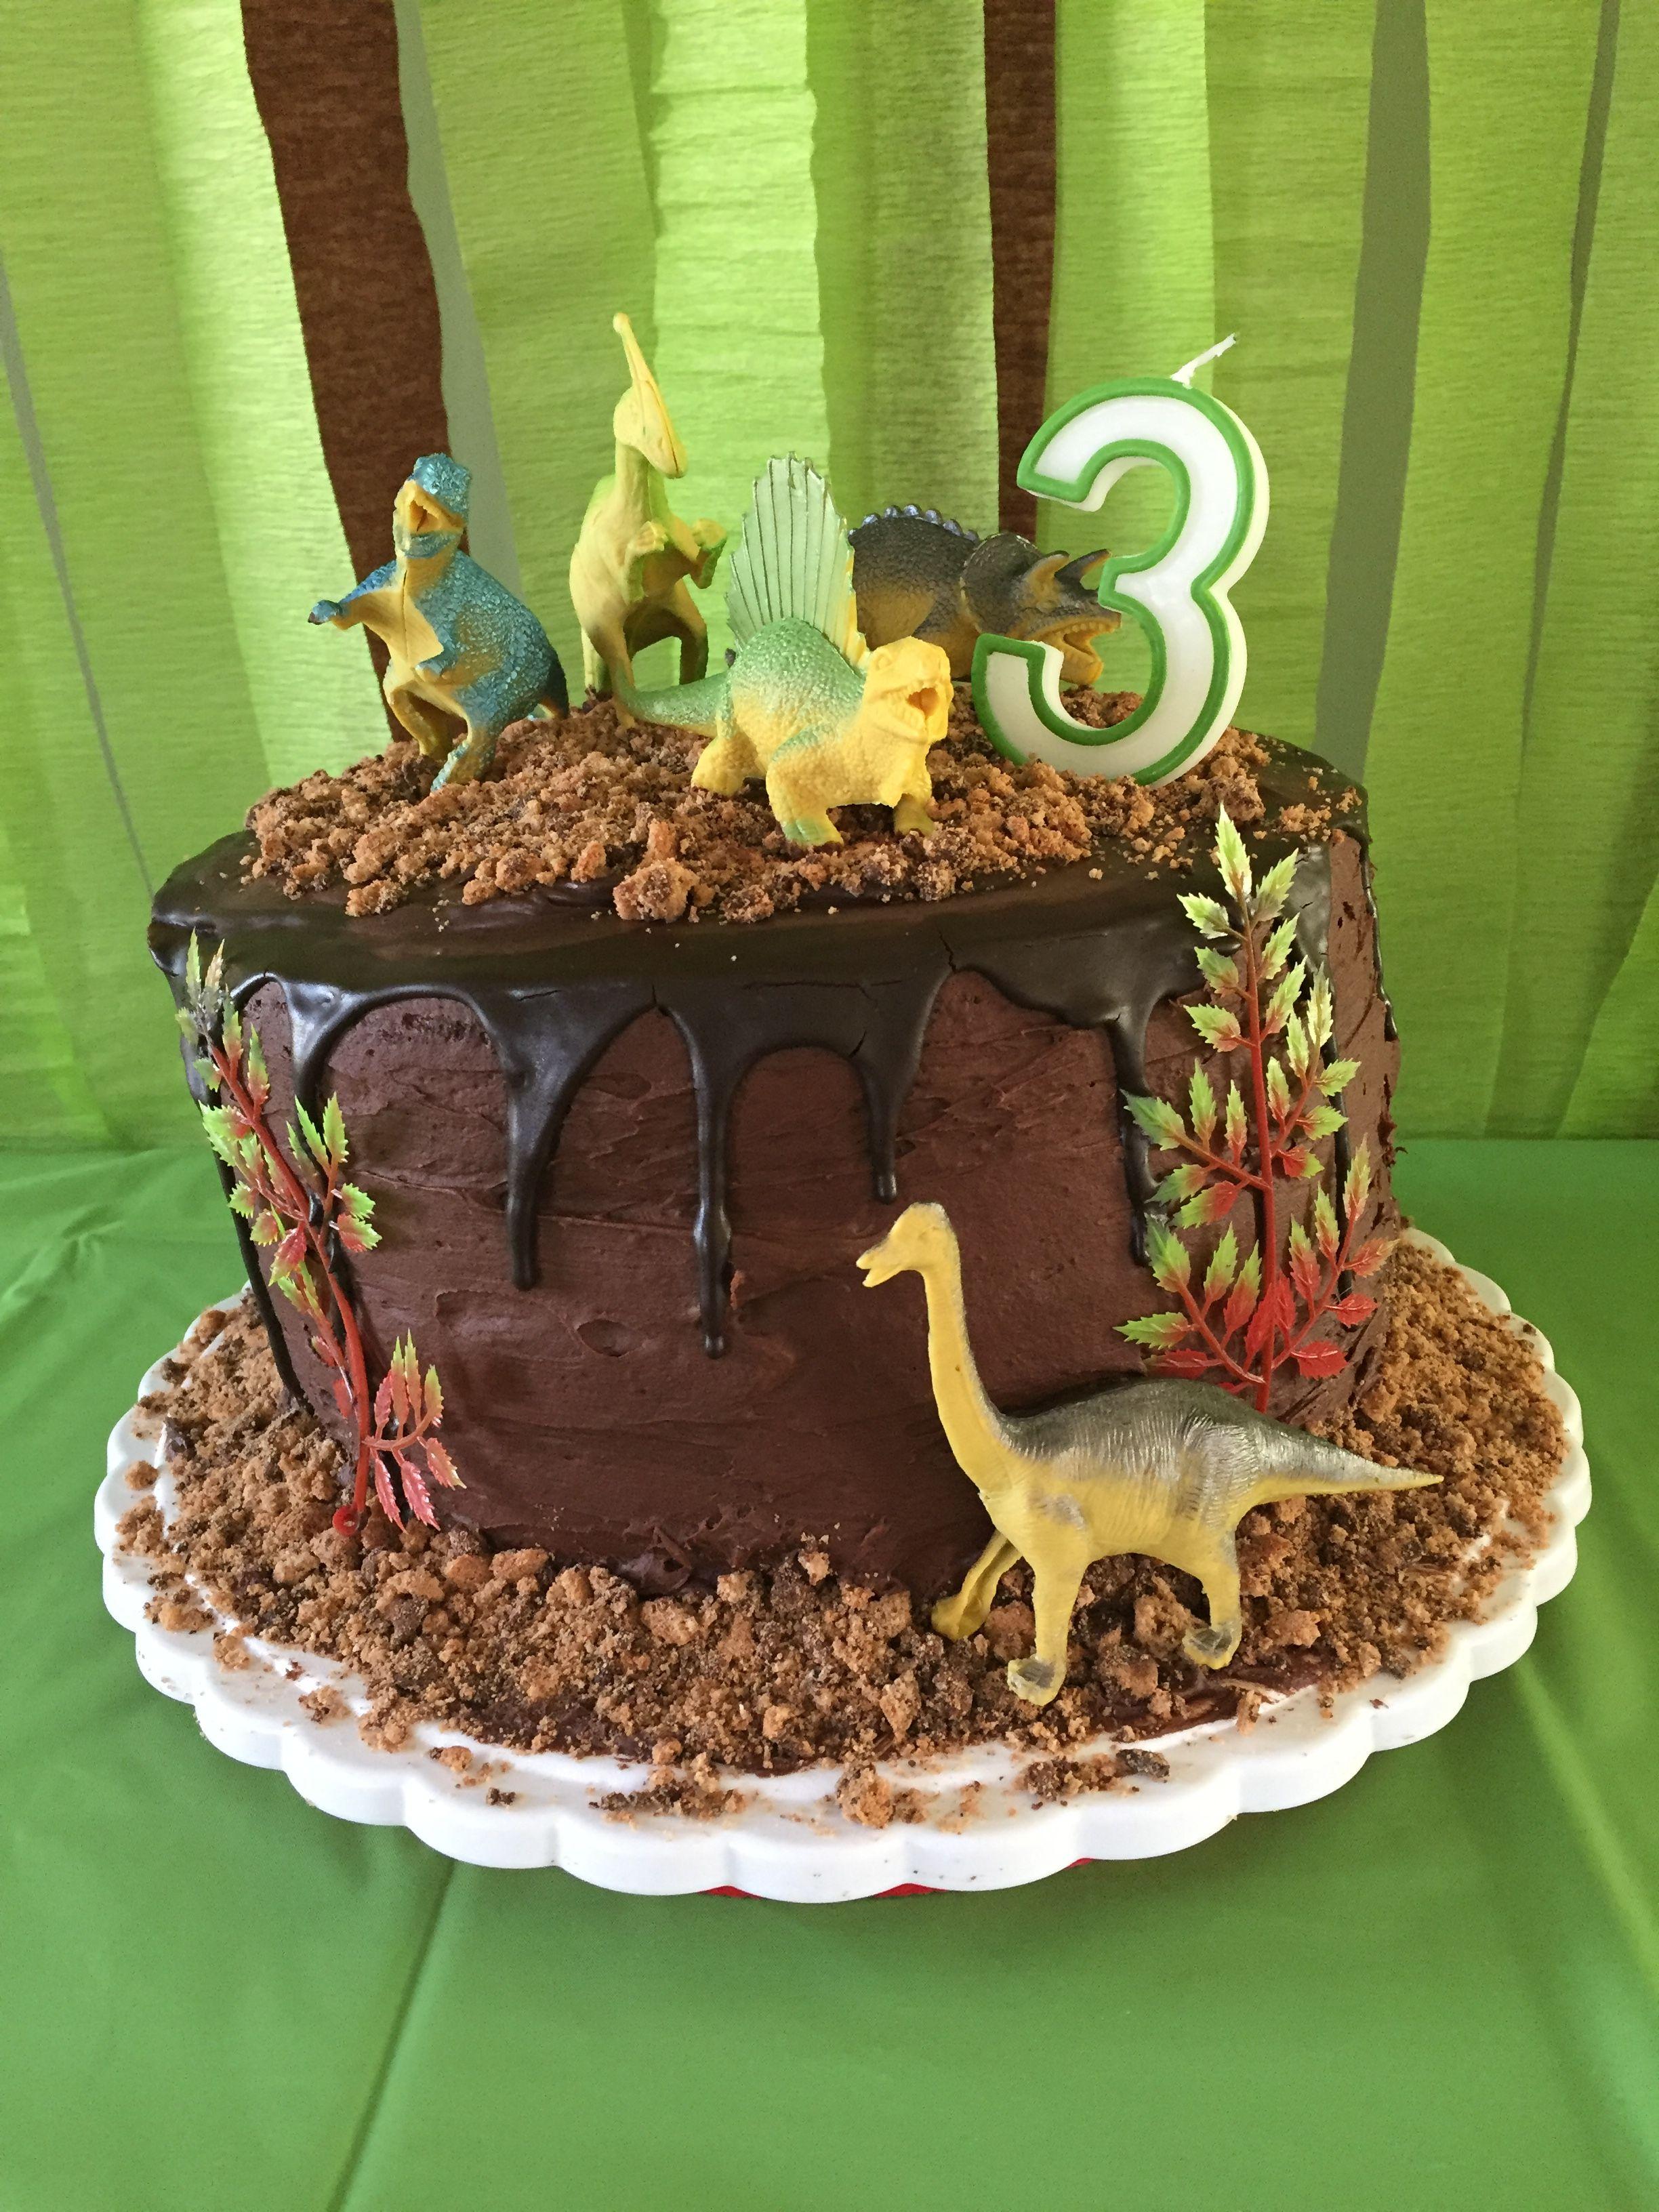 Stupendous Dinosaur Cake Dinosaur Birthday Cake Diy With Images Personalised Birthday Cards Paralily Jamesorg